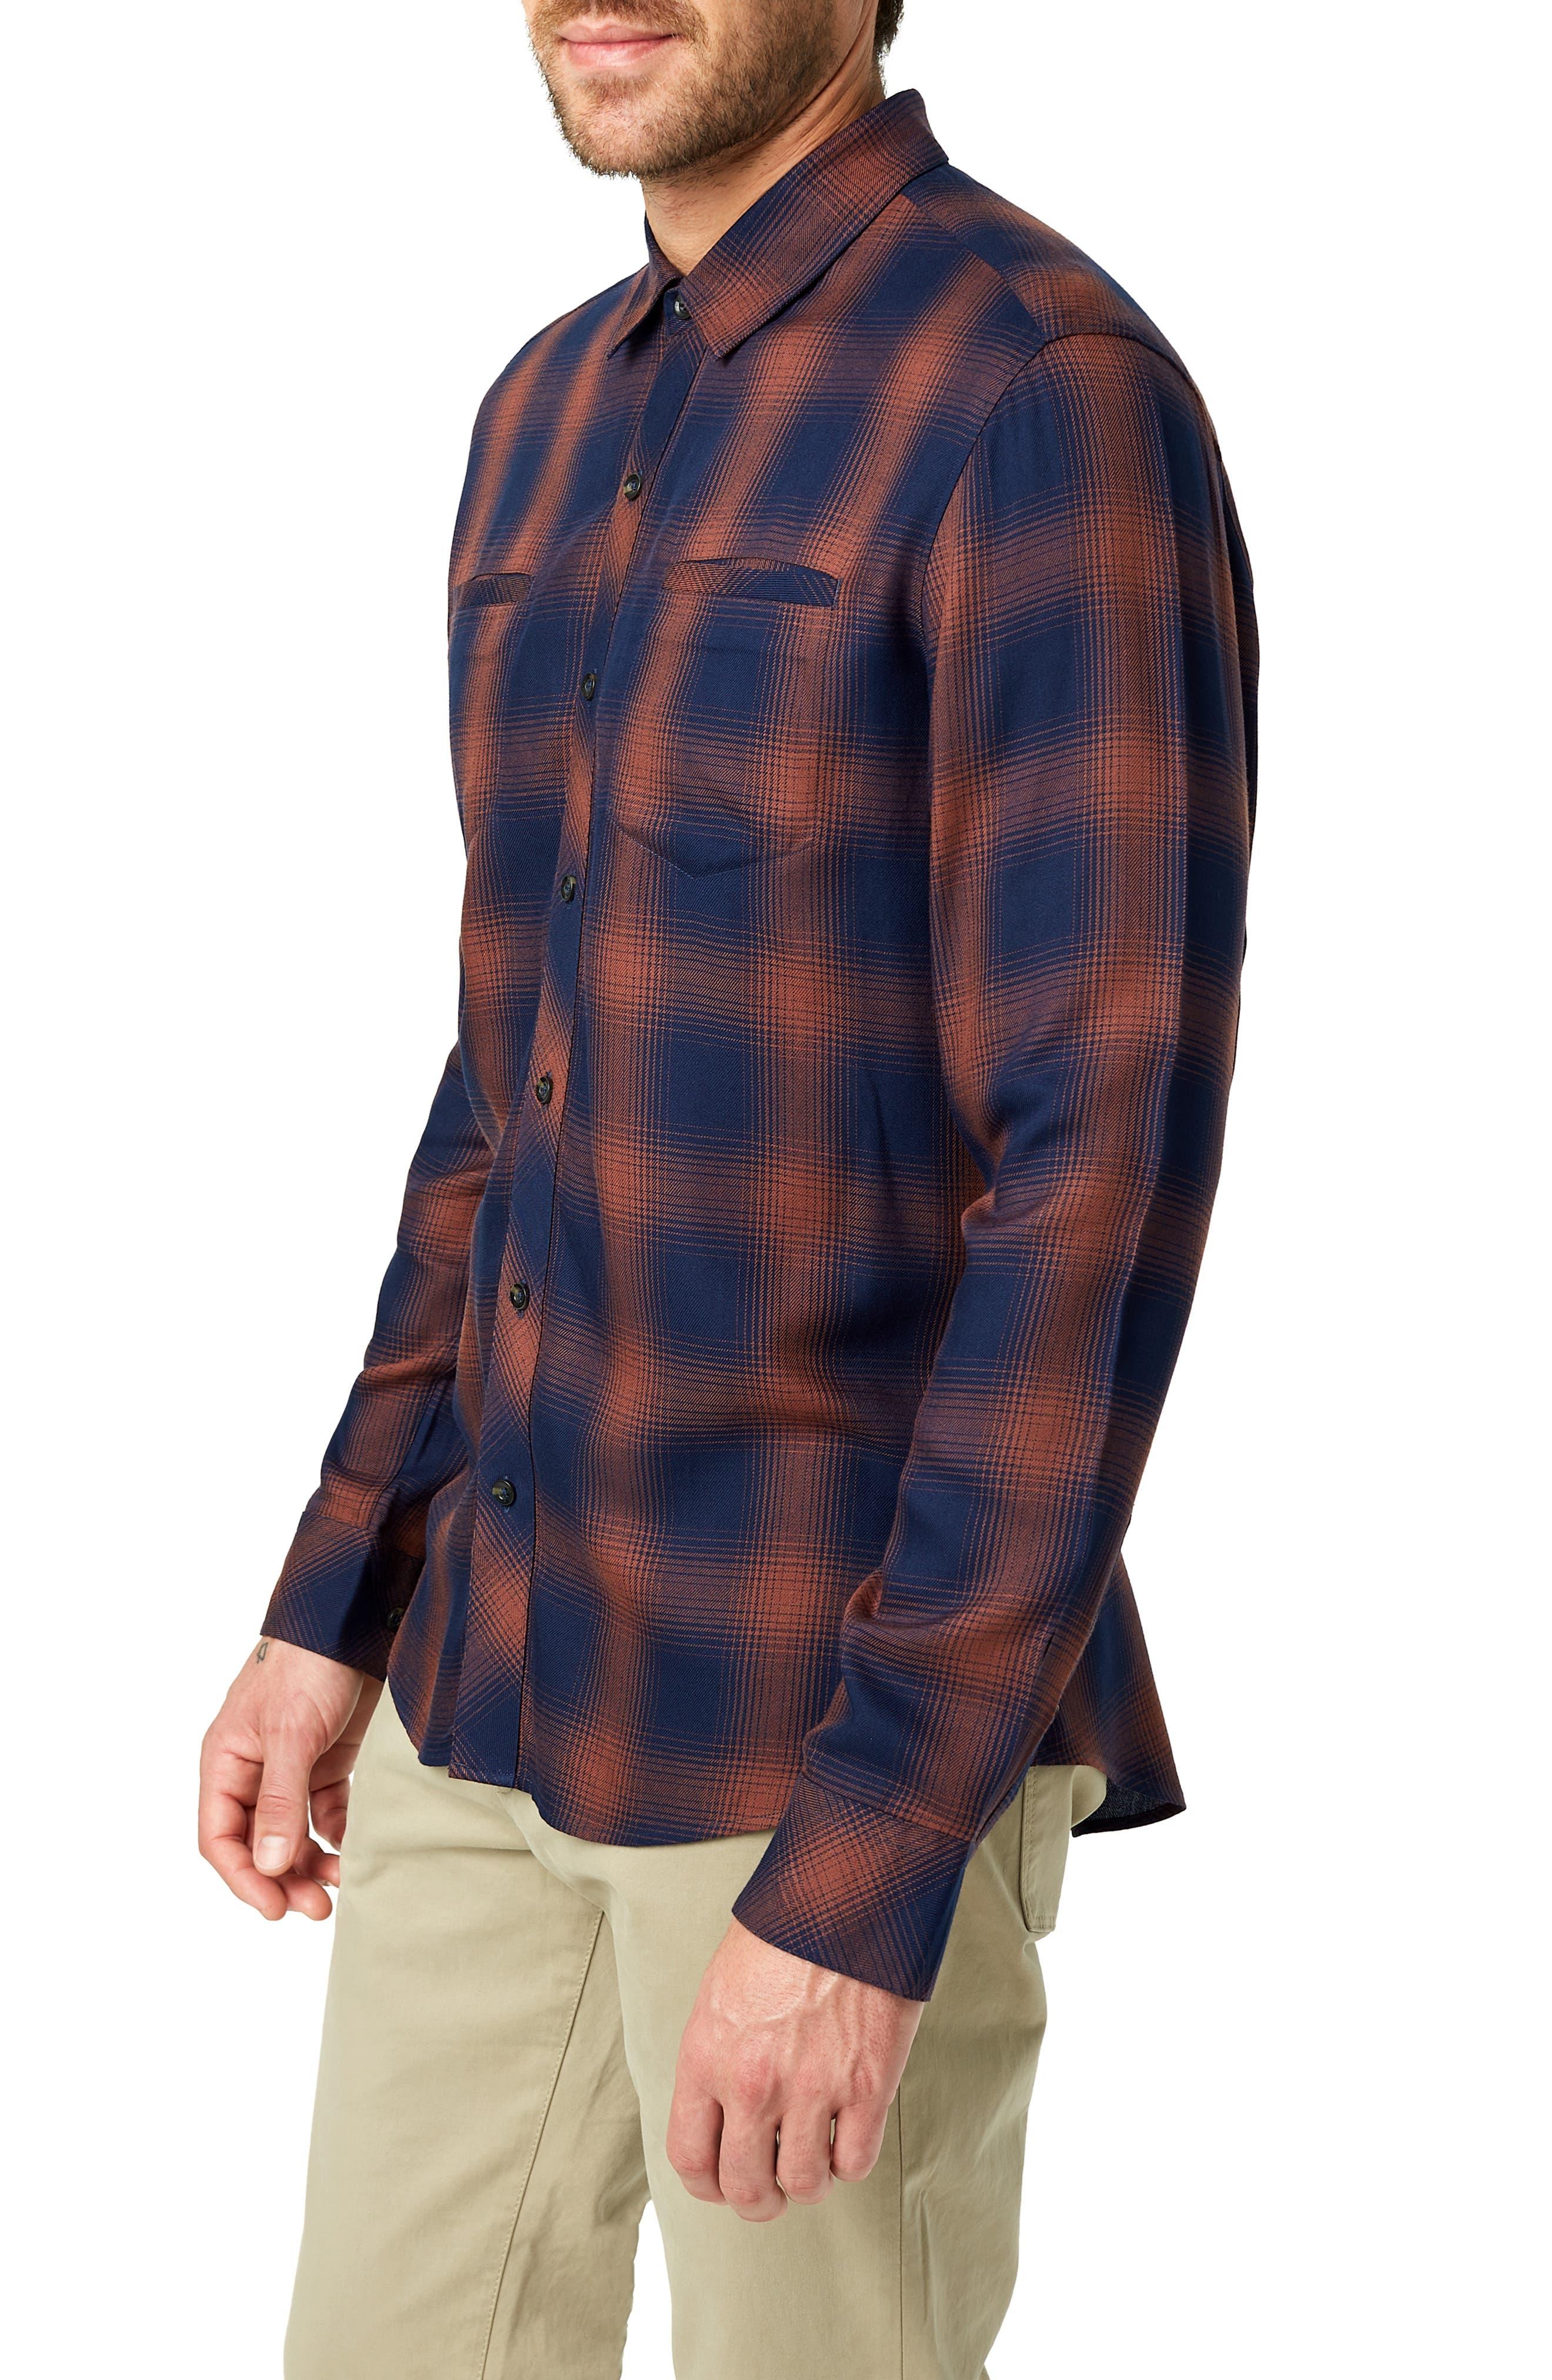 Ewan Trim Fit Flannel Shirt,                             Alternate thumbnail 4, color,                             NAVY CHESTNUT